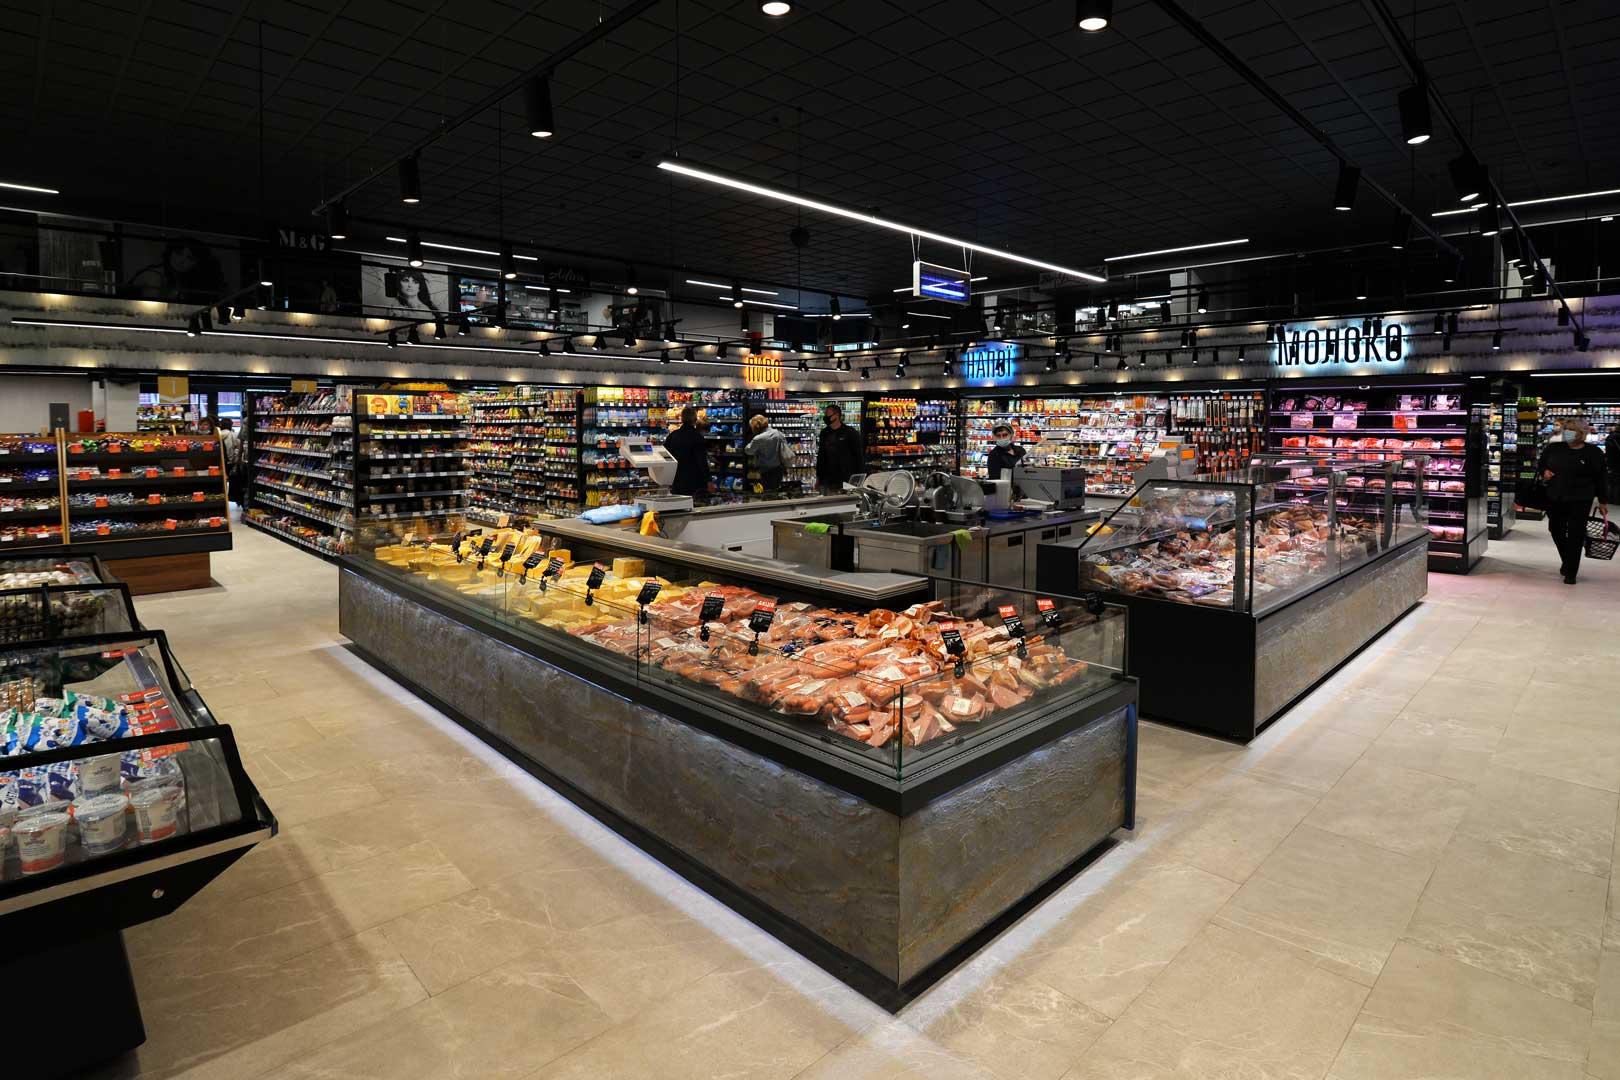 """Refrigerated counters Мissouri MС 120 deli PS 130, Missouri MC 120 deli self 086, supermarket """"Semya"""""""